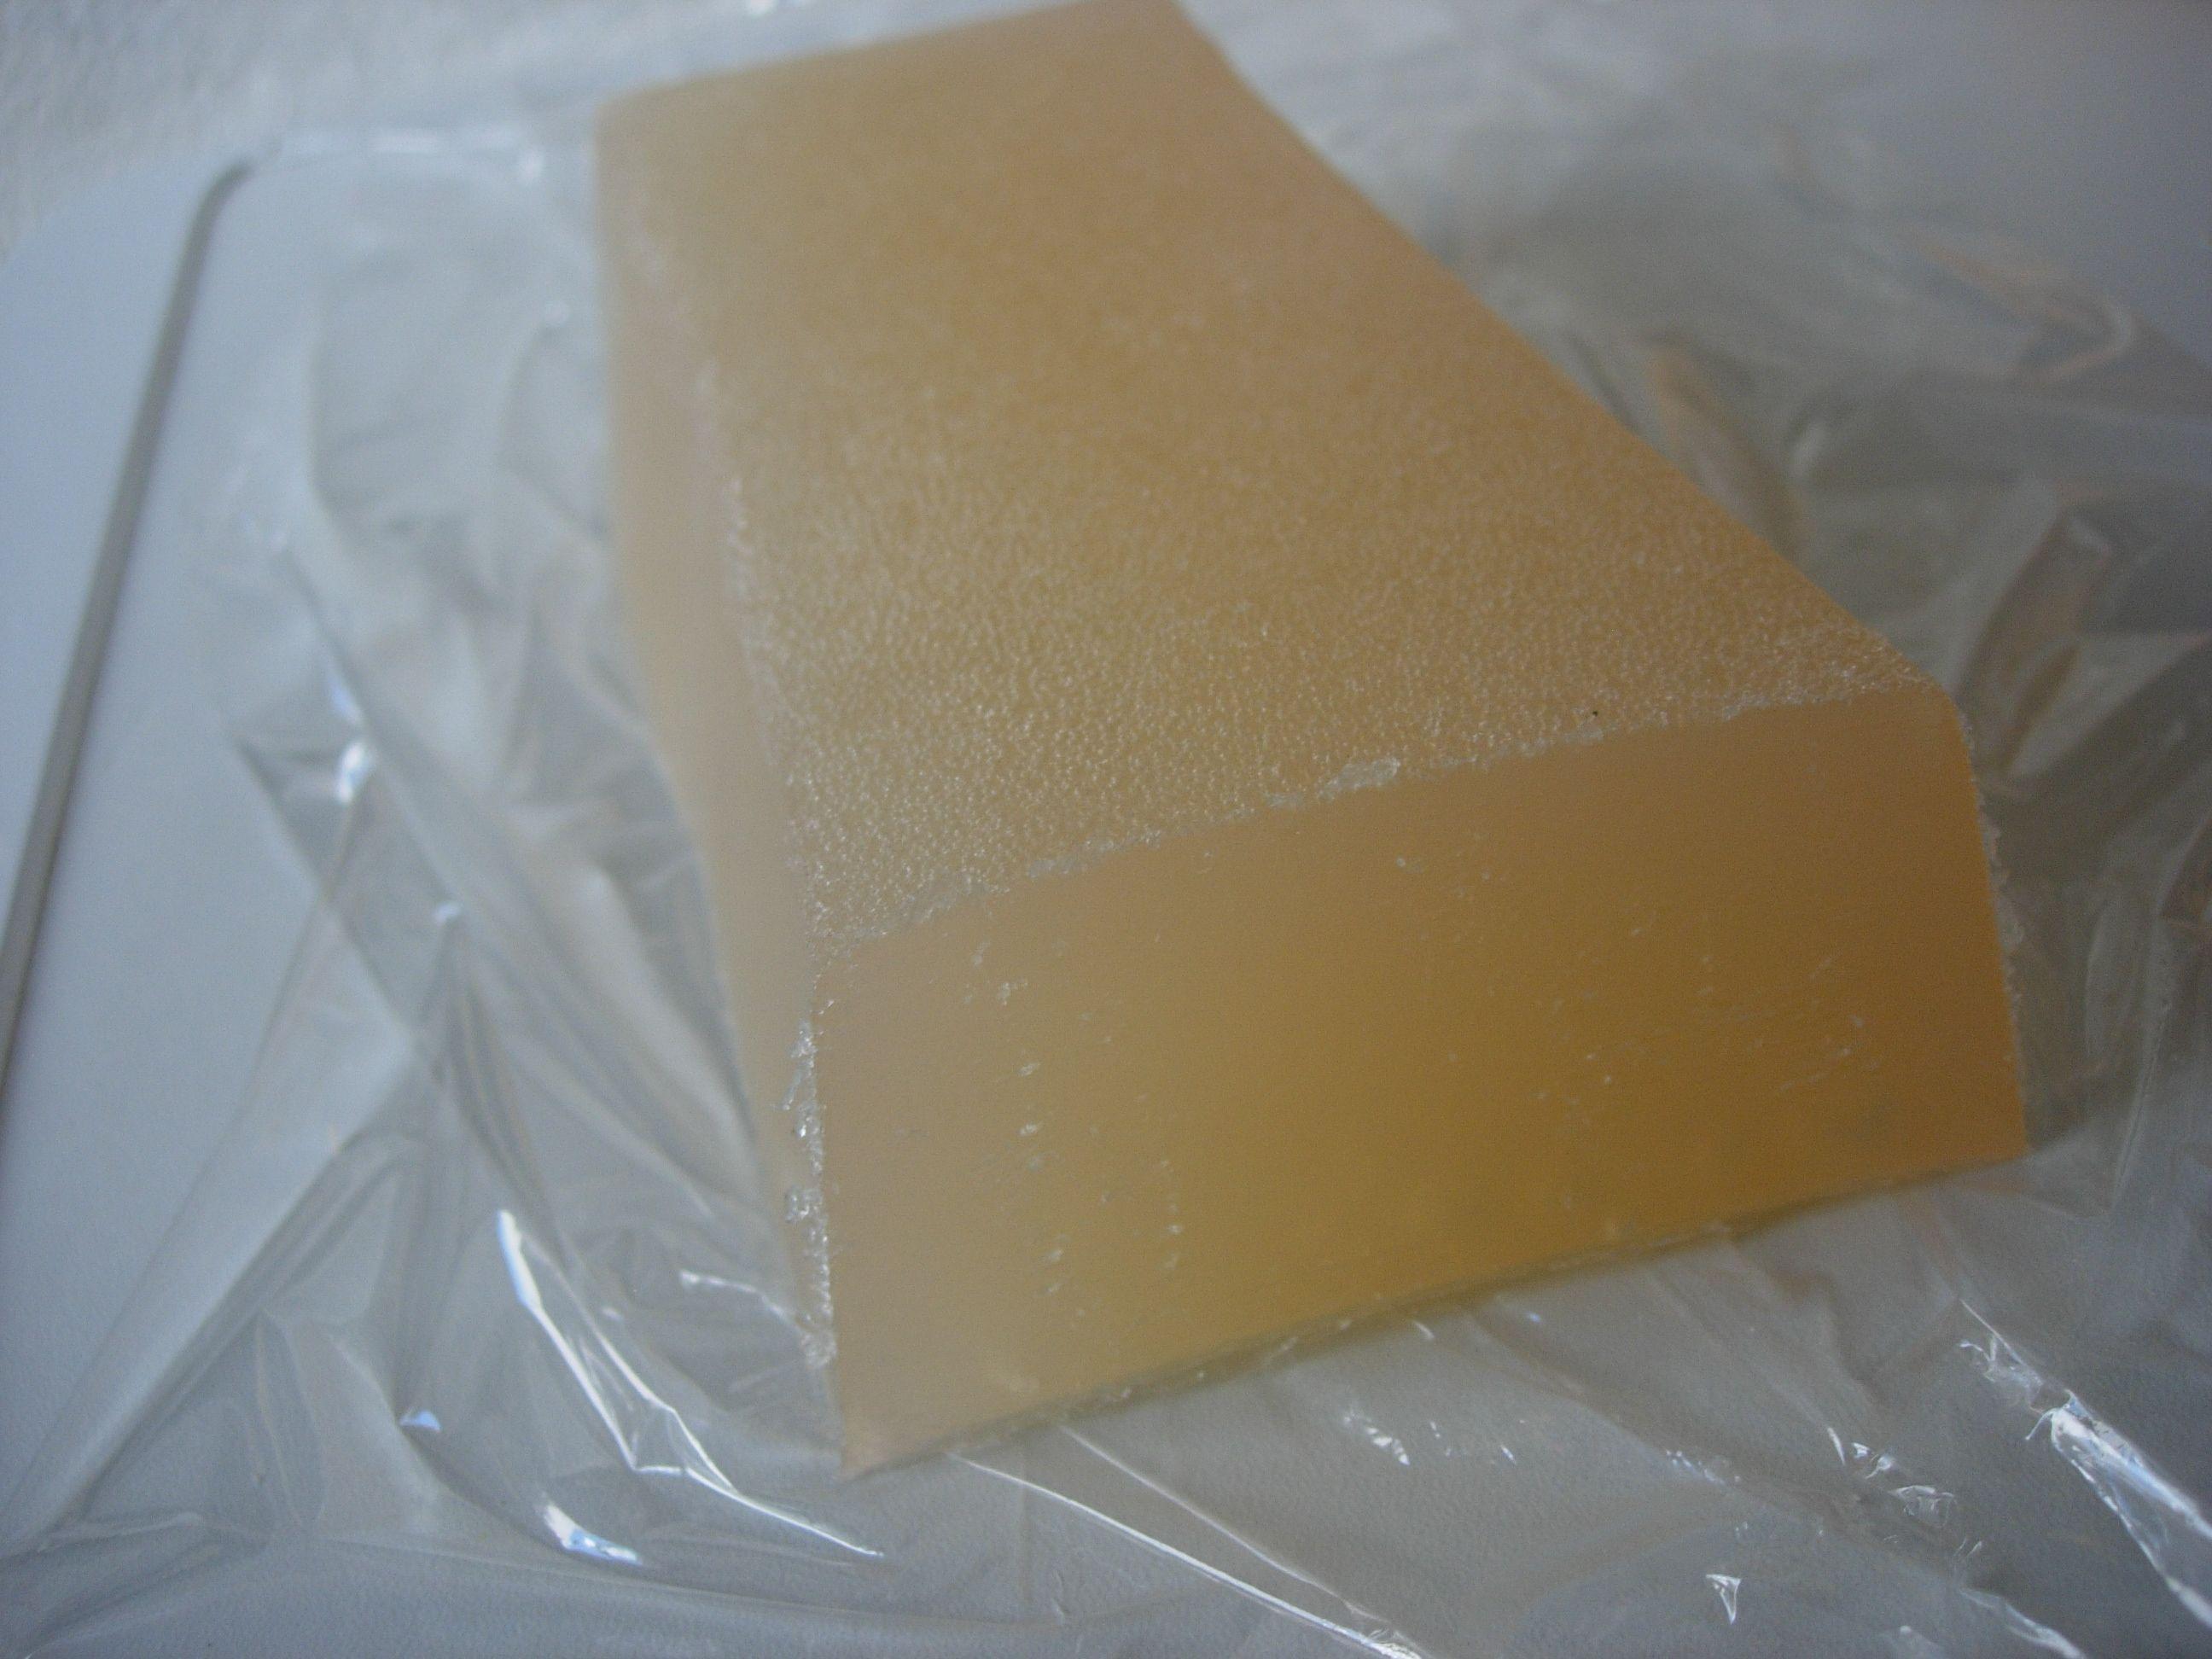 Ev sabunu: fayda veya zarar Ev sabunu özellikleri ve tıbbi amaçlı kullanımı